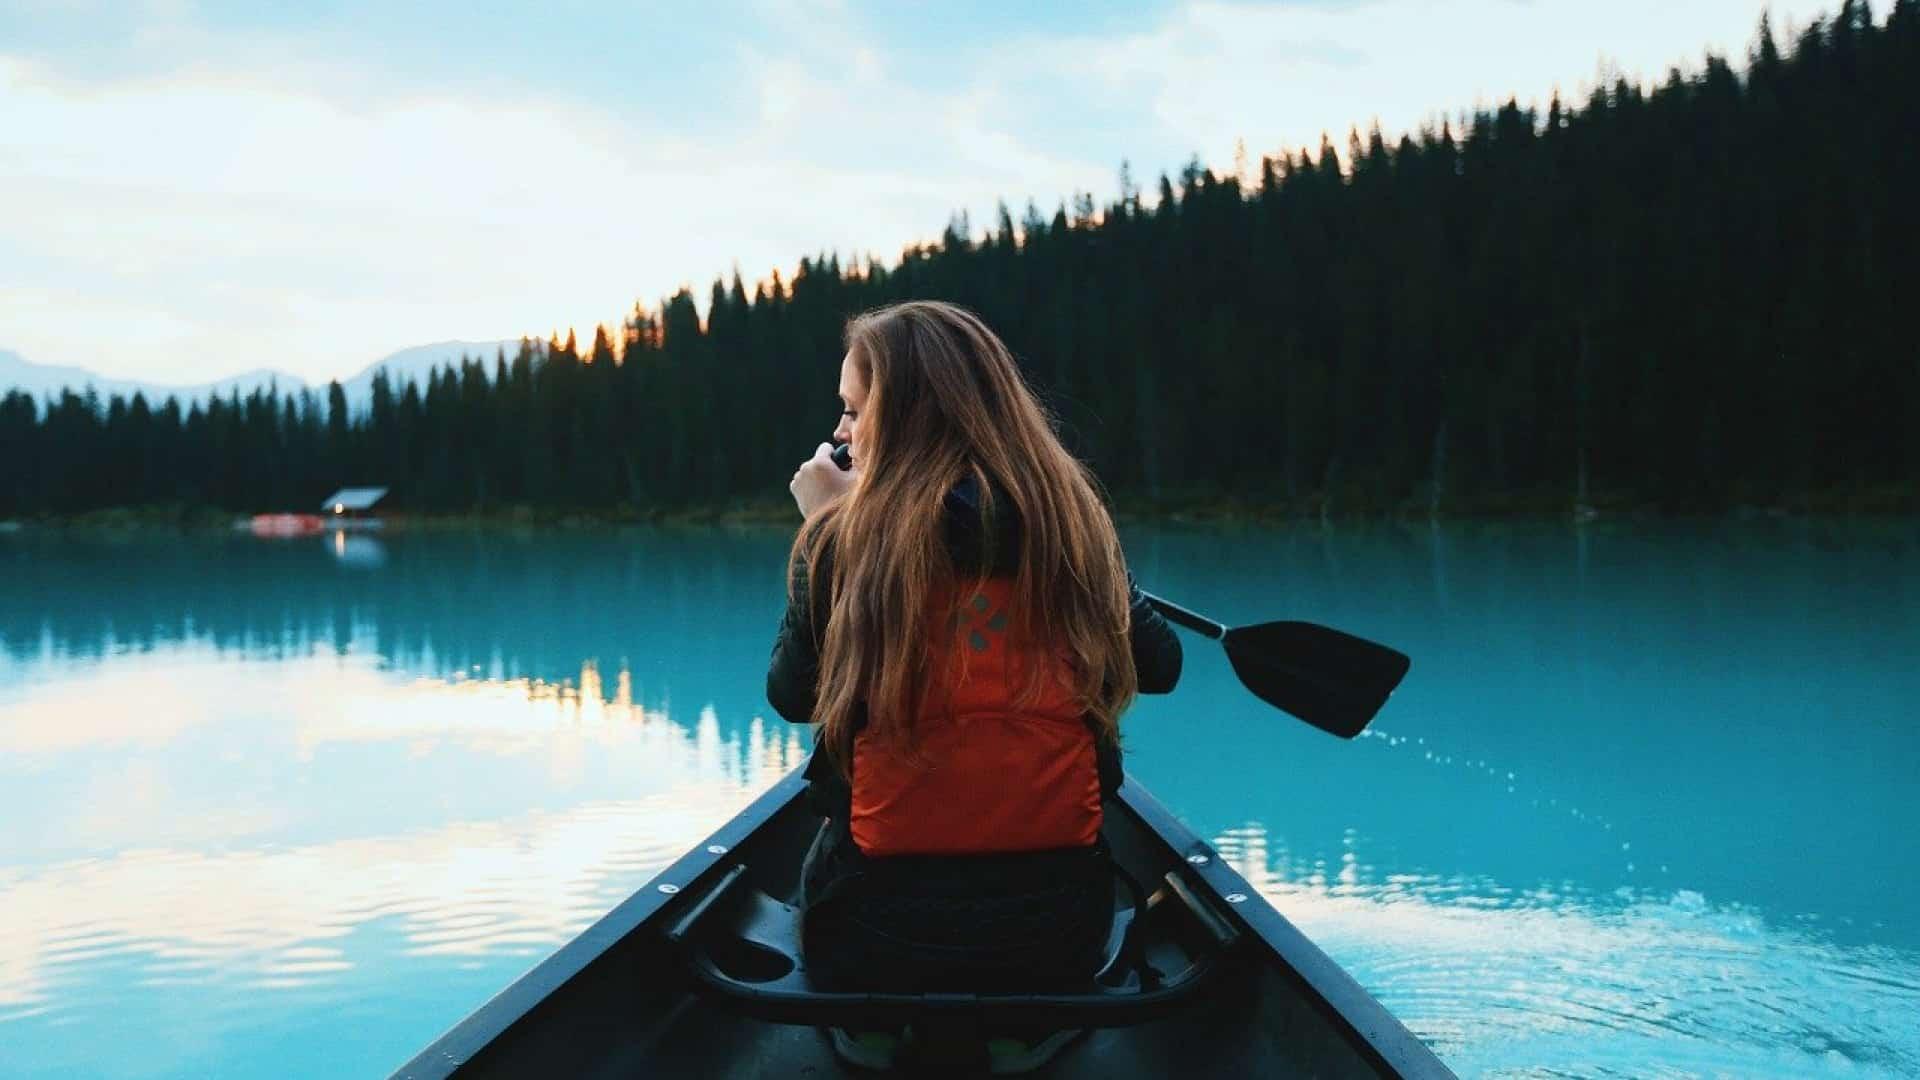 Quelles dispositions prendre avant de partir à l'aventure?